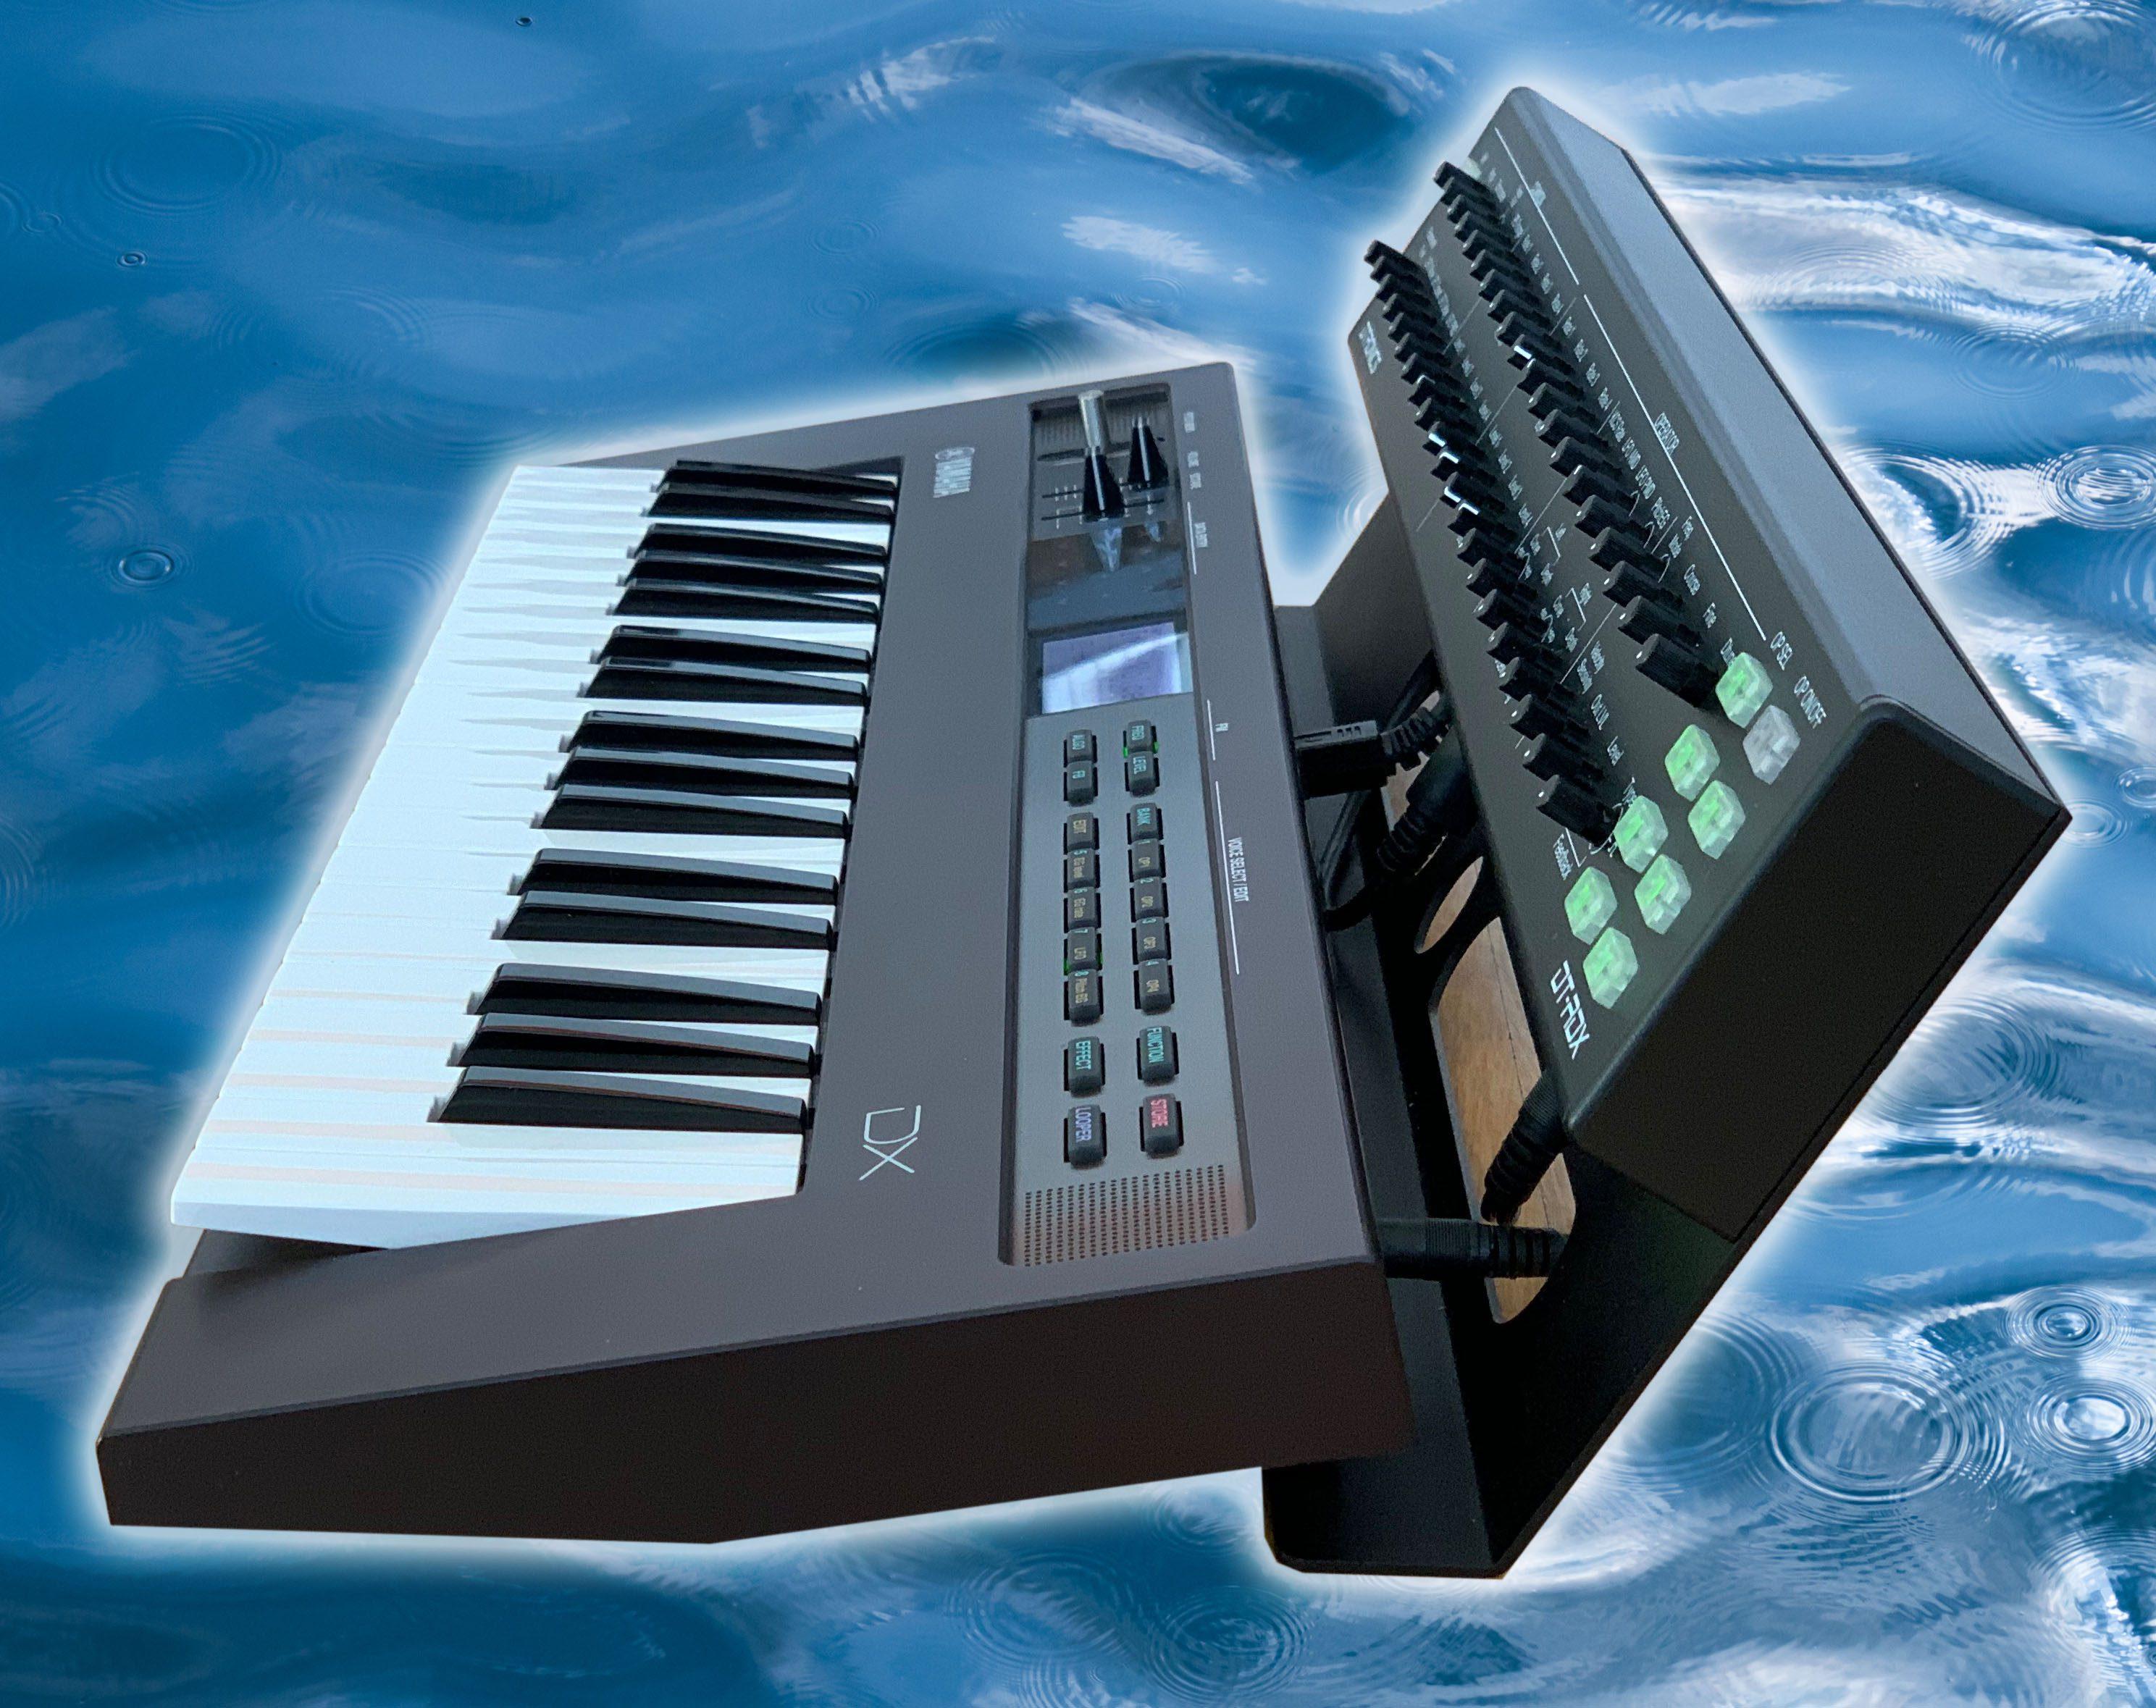 Test: Yamaha Reface DX, FM-Synthesizer - AMAZONA de